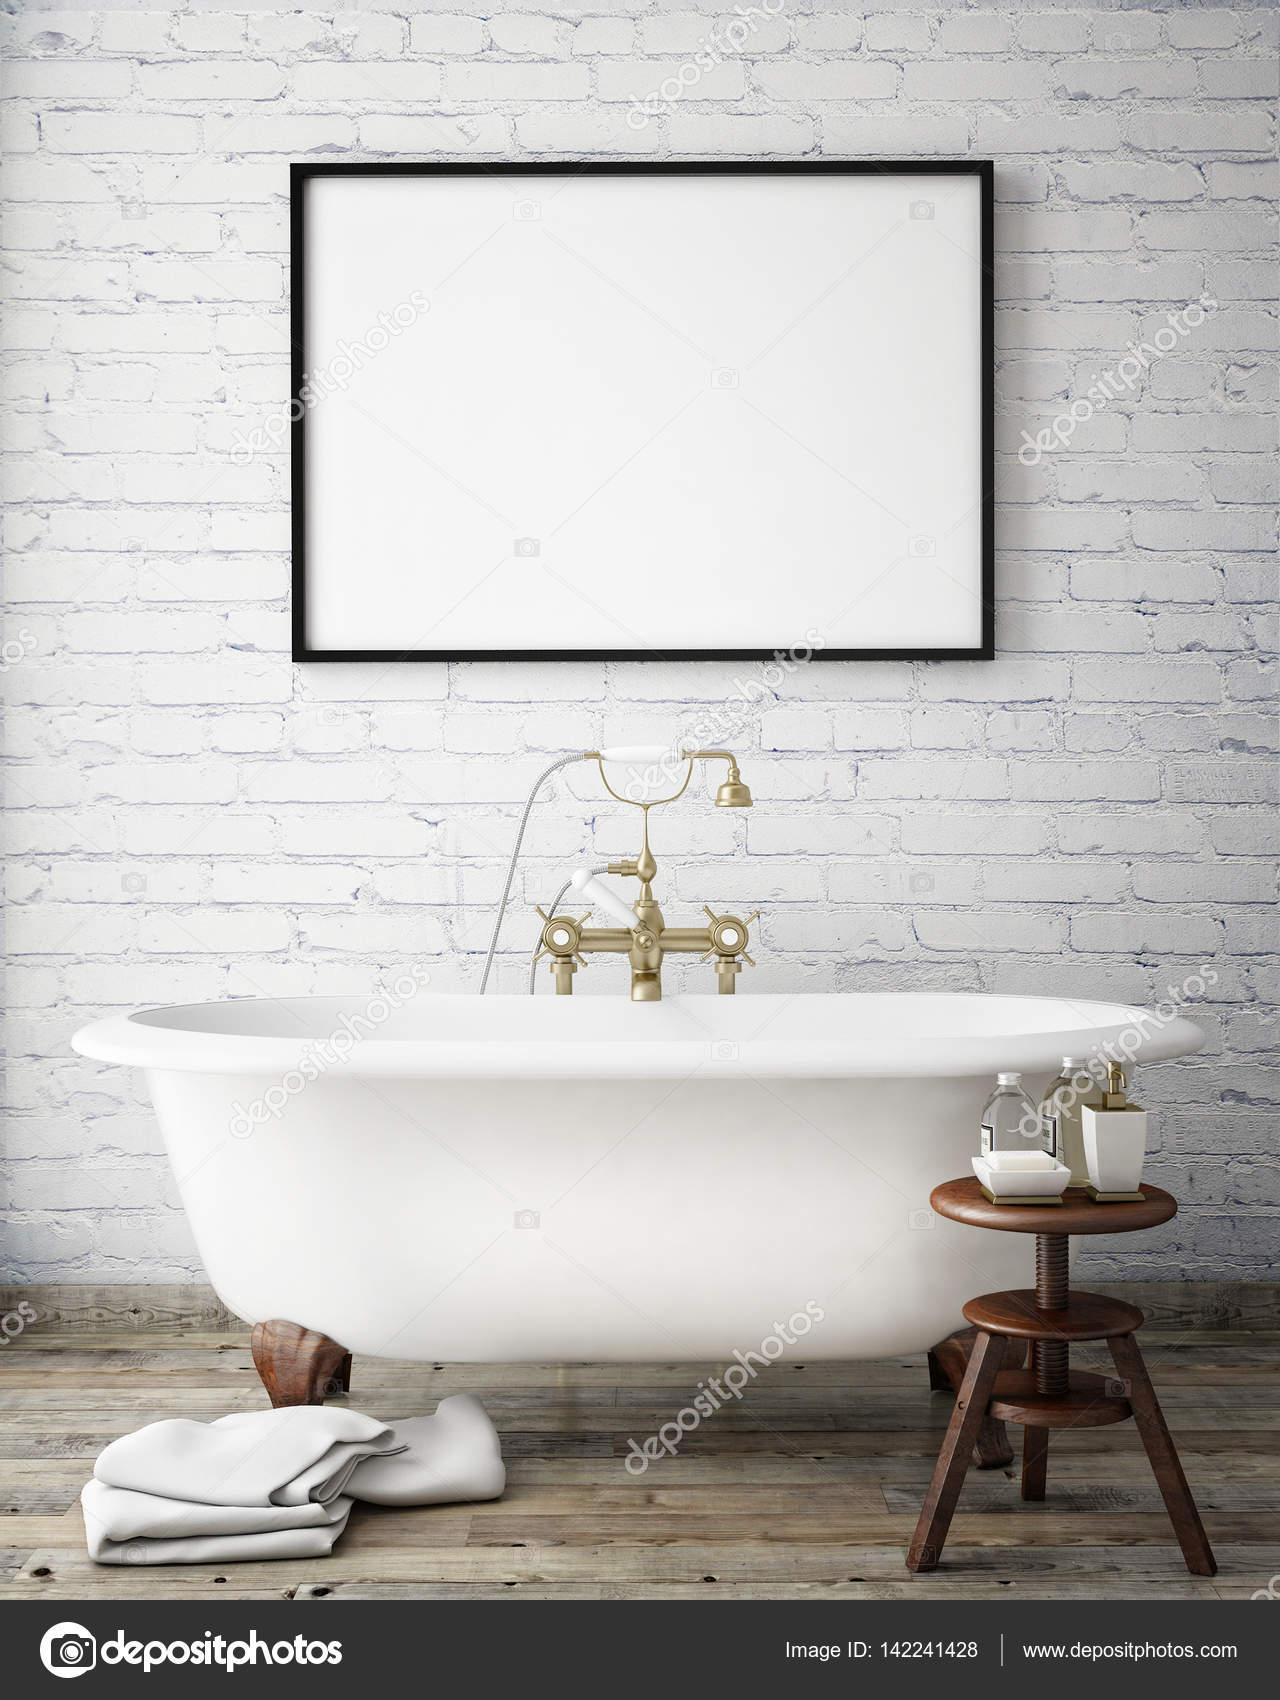 simulacros de fotogramas de póster en baño hipster vintage, fondo ...